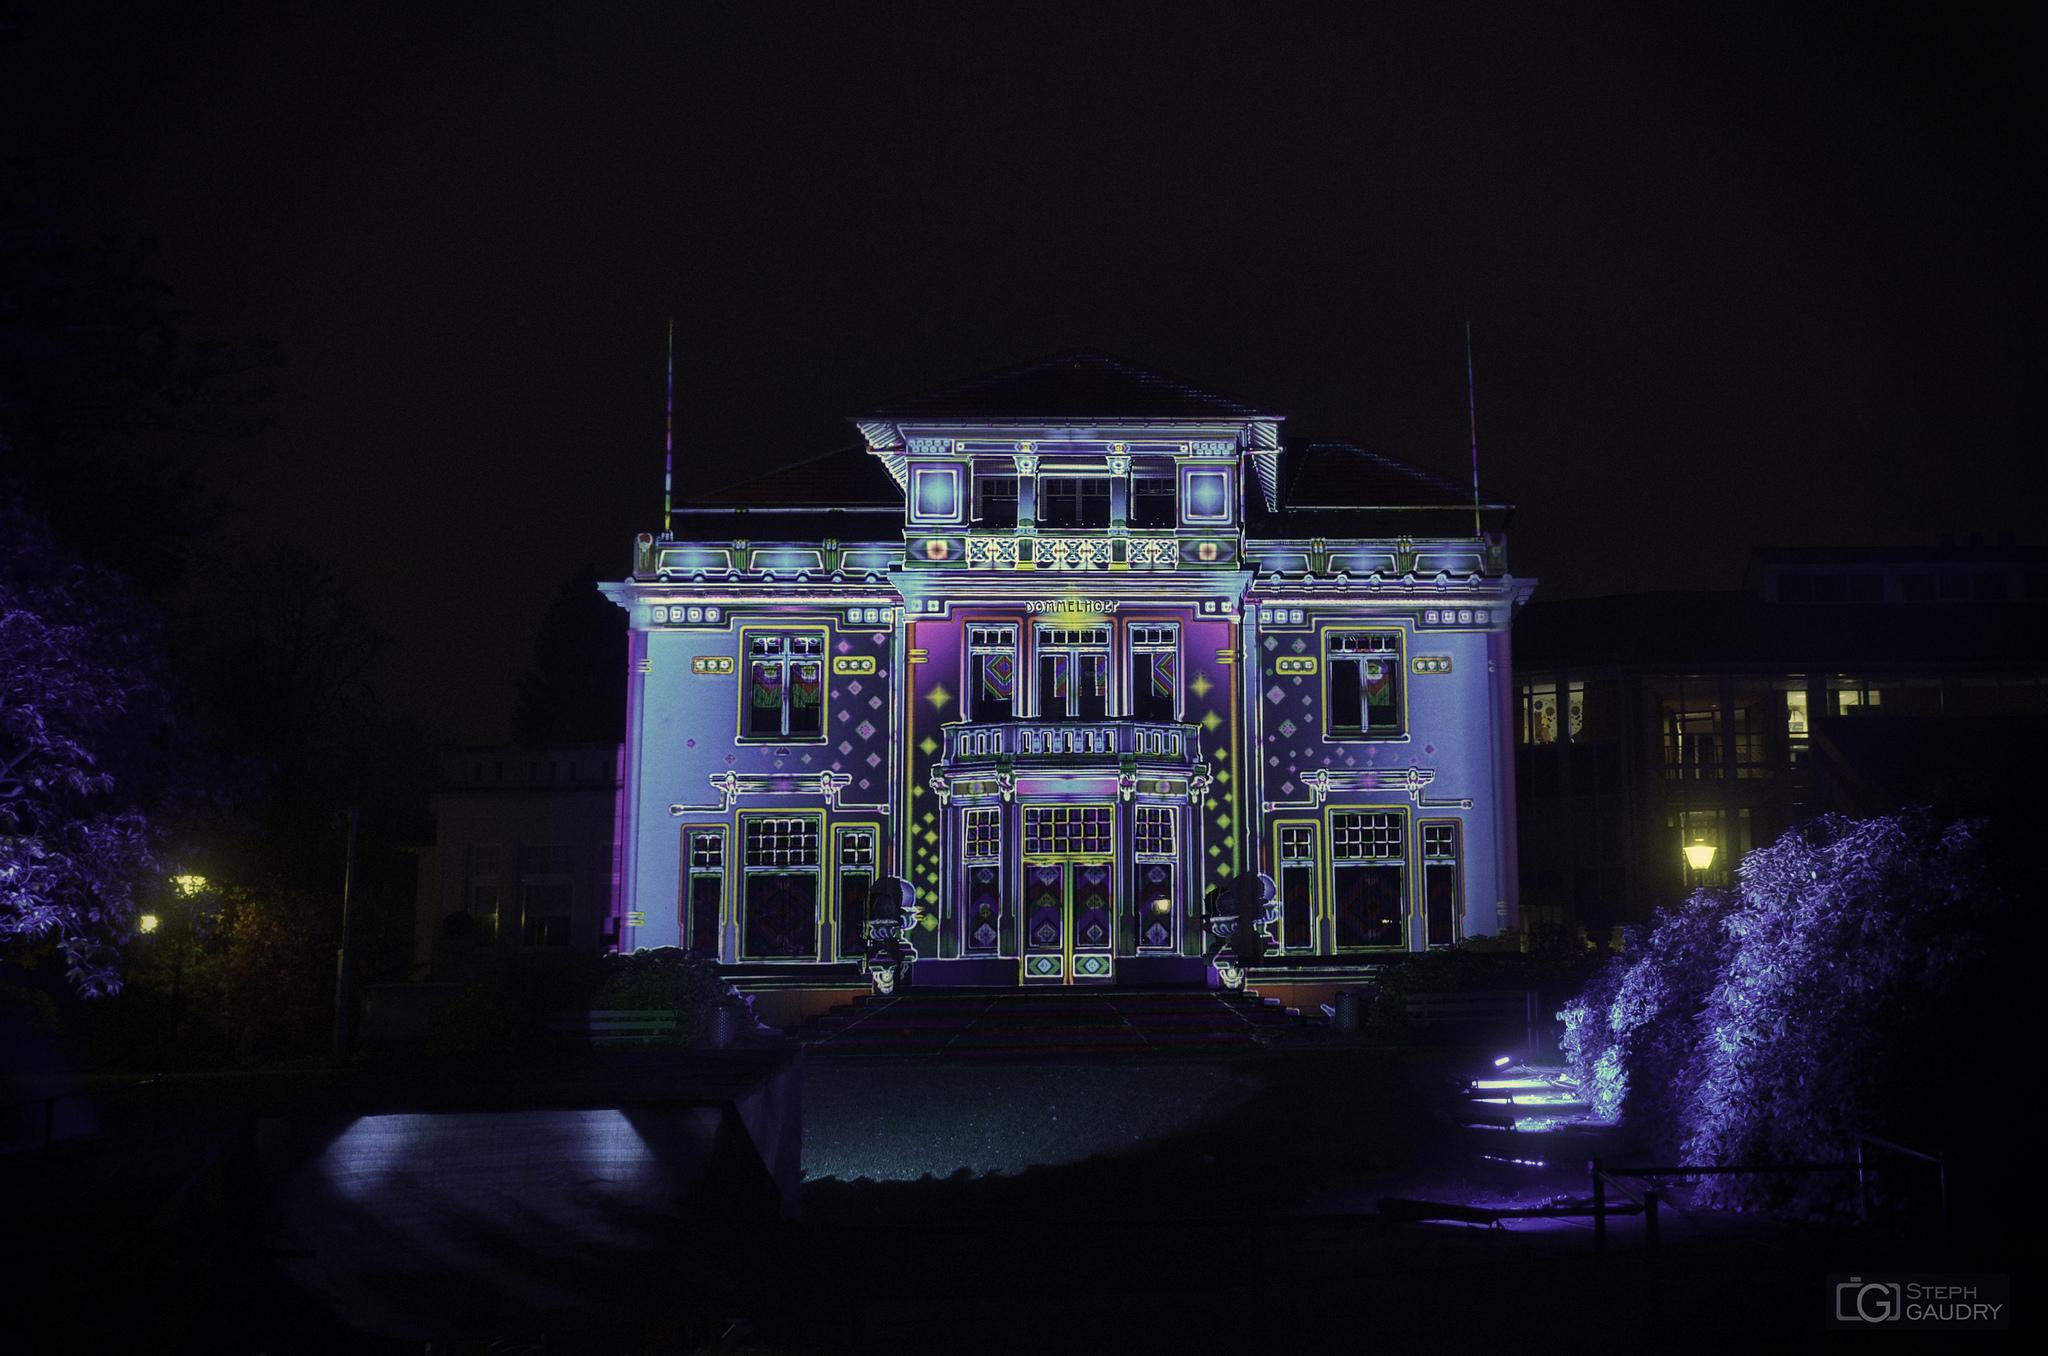 Eindhoven glow 2013 - CHROMOLITHE (v2) [Click to start slideshow]